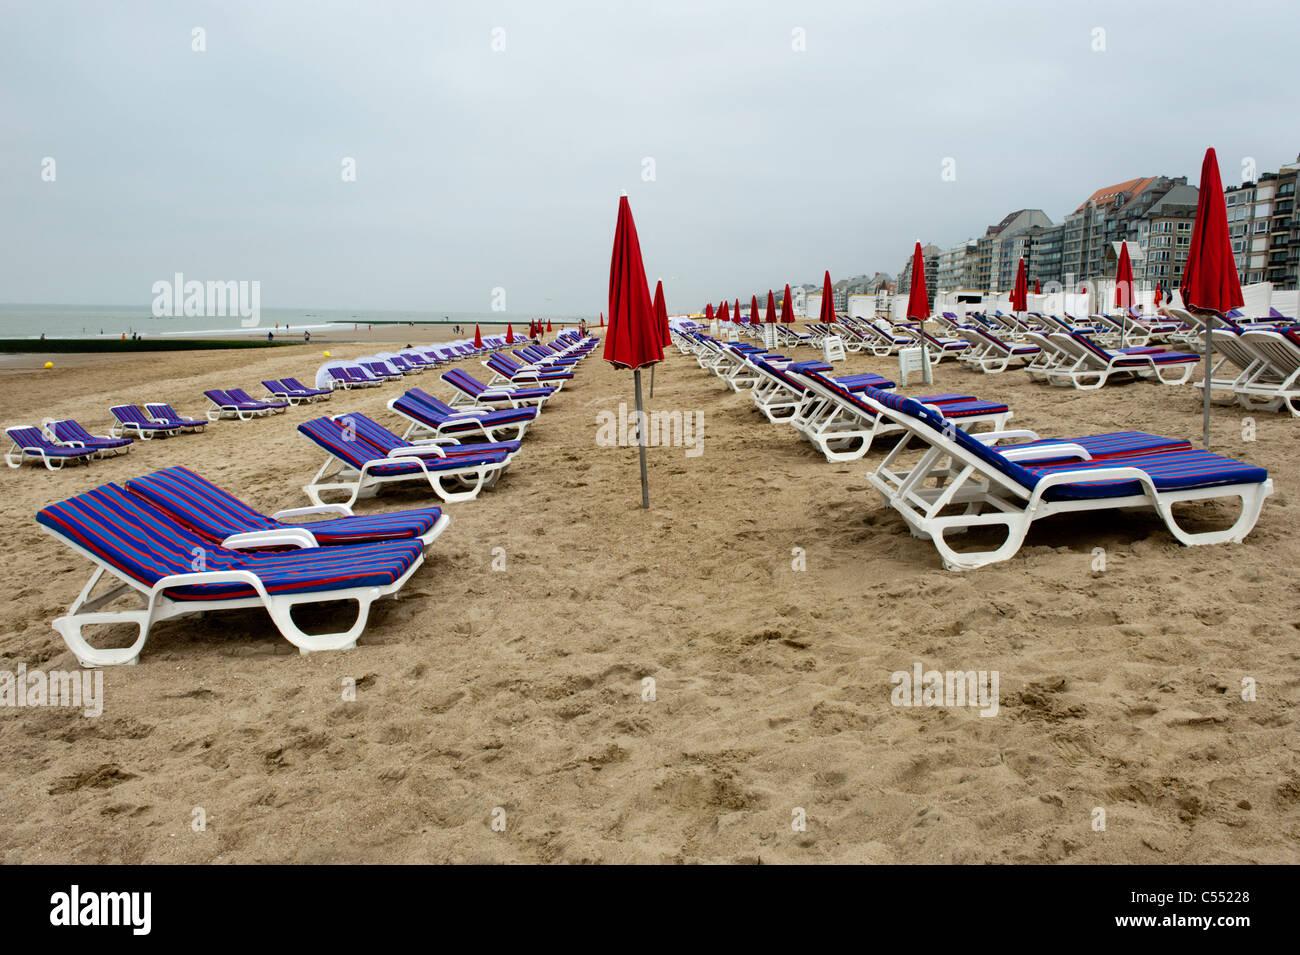 Deckchairs on the beach at the Belgian seaside resort of  Knokke-Heist - Stock Image